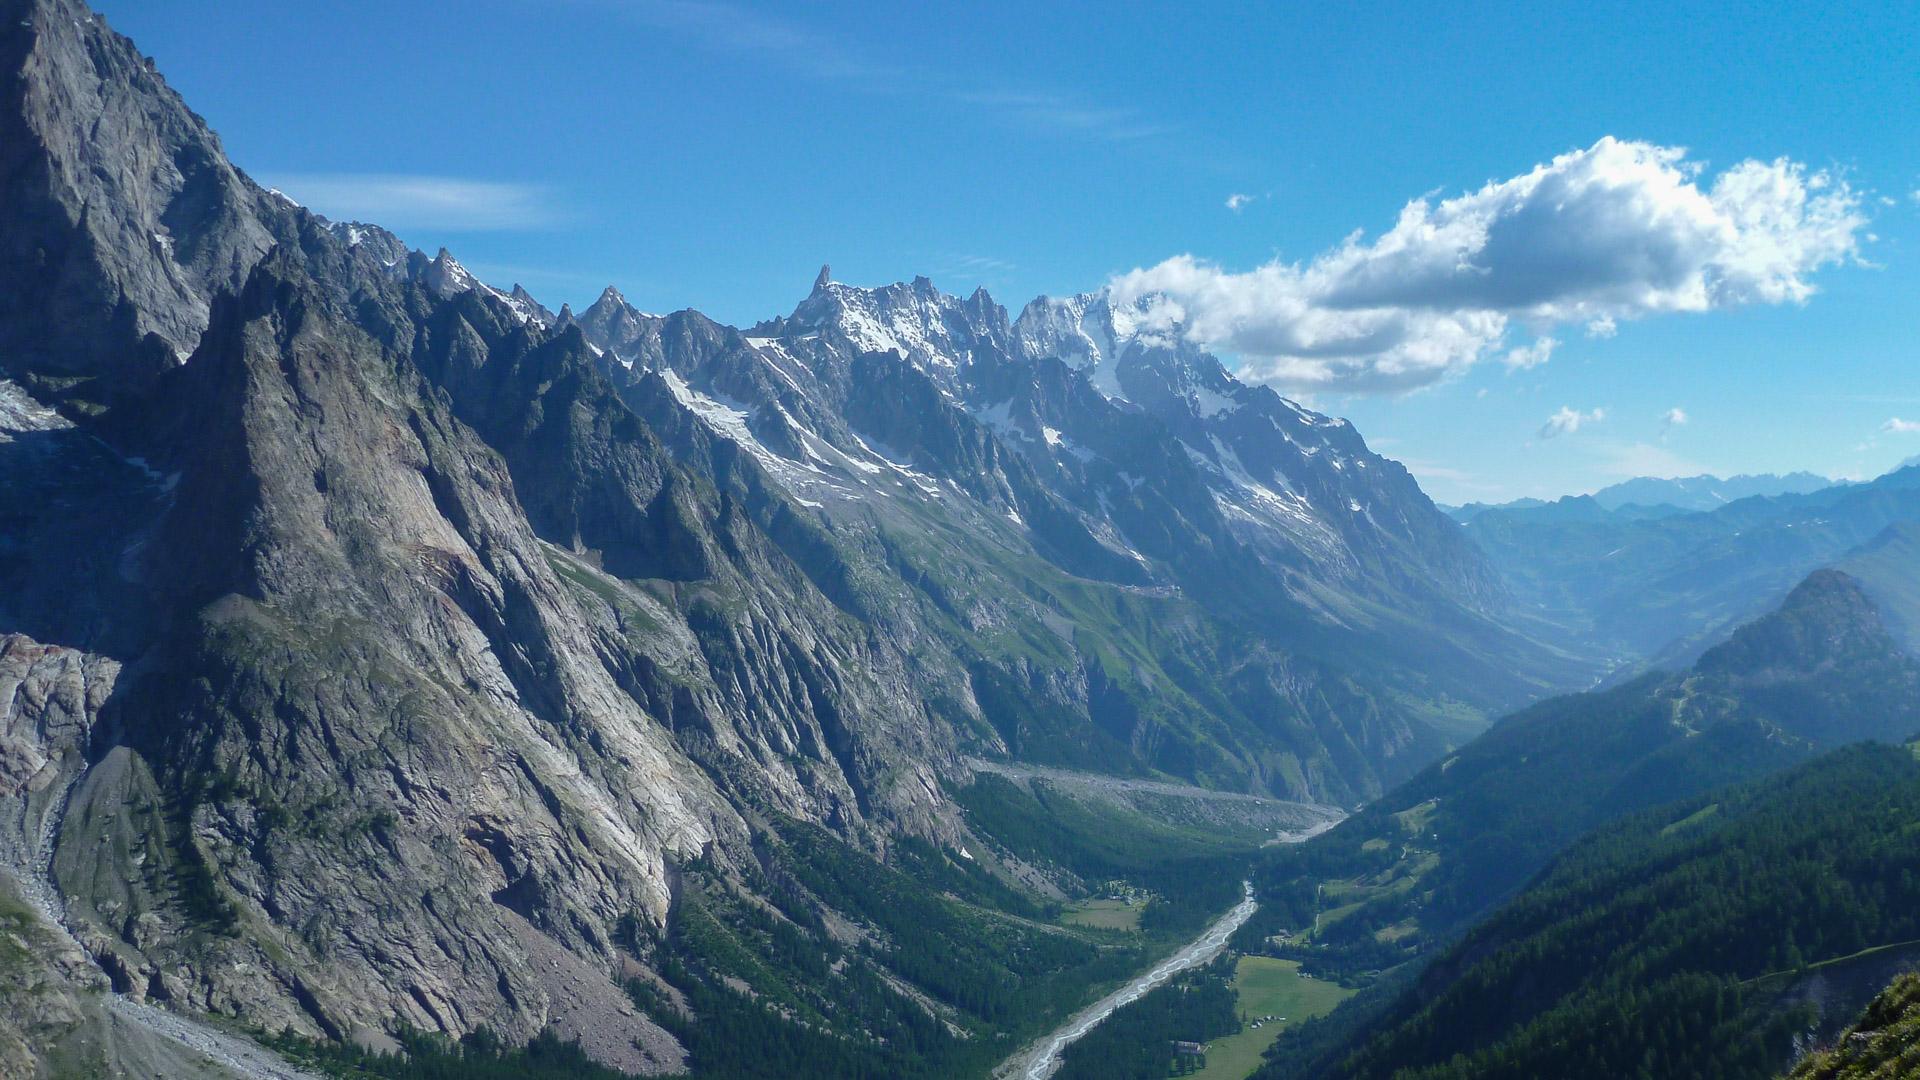 autour du mont blanc 28 images vol d automne autour du mont blanc topo cascades autour du